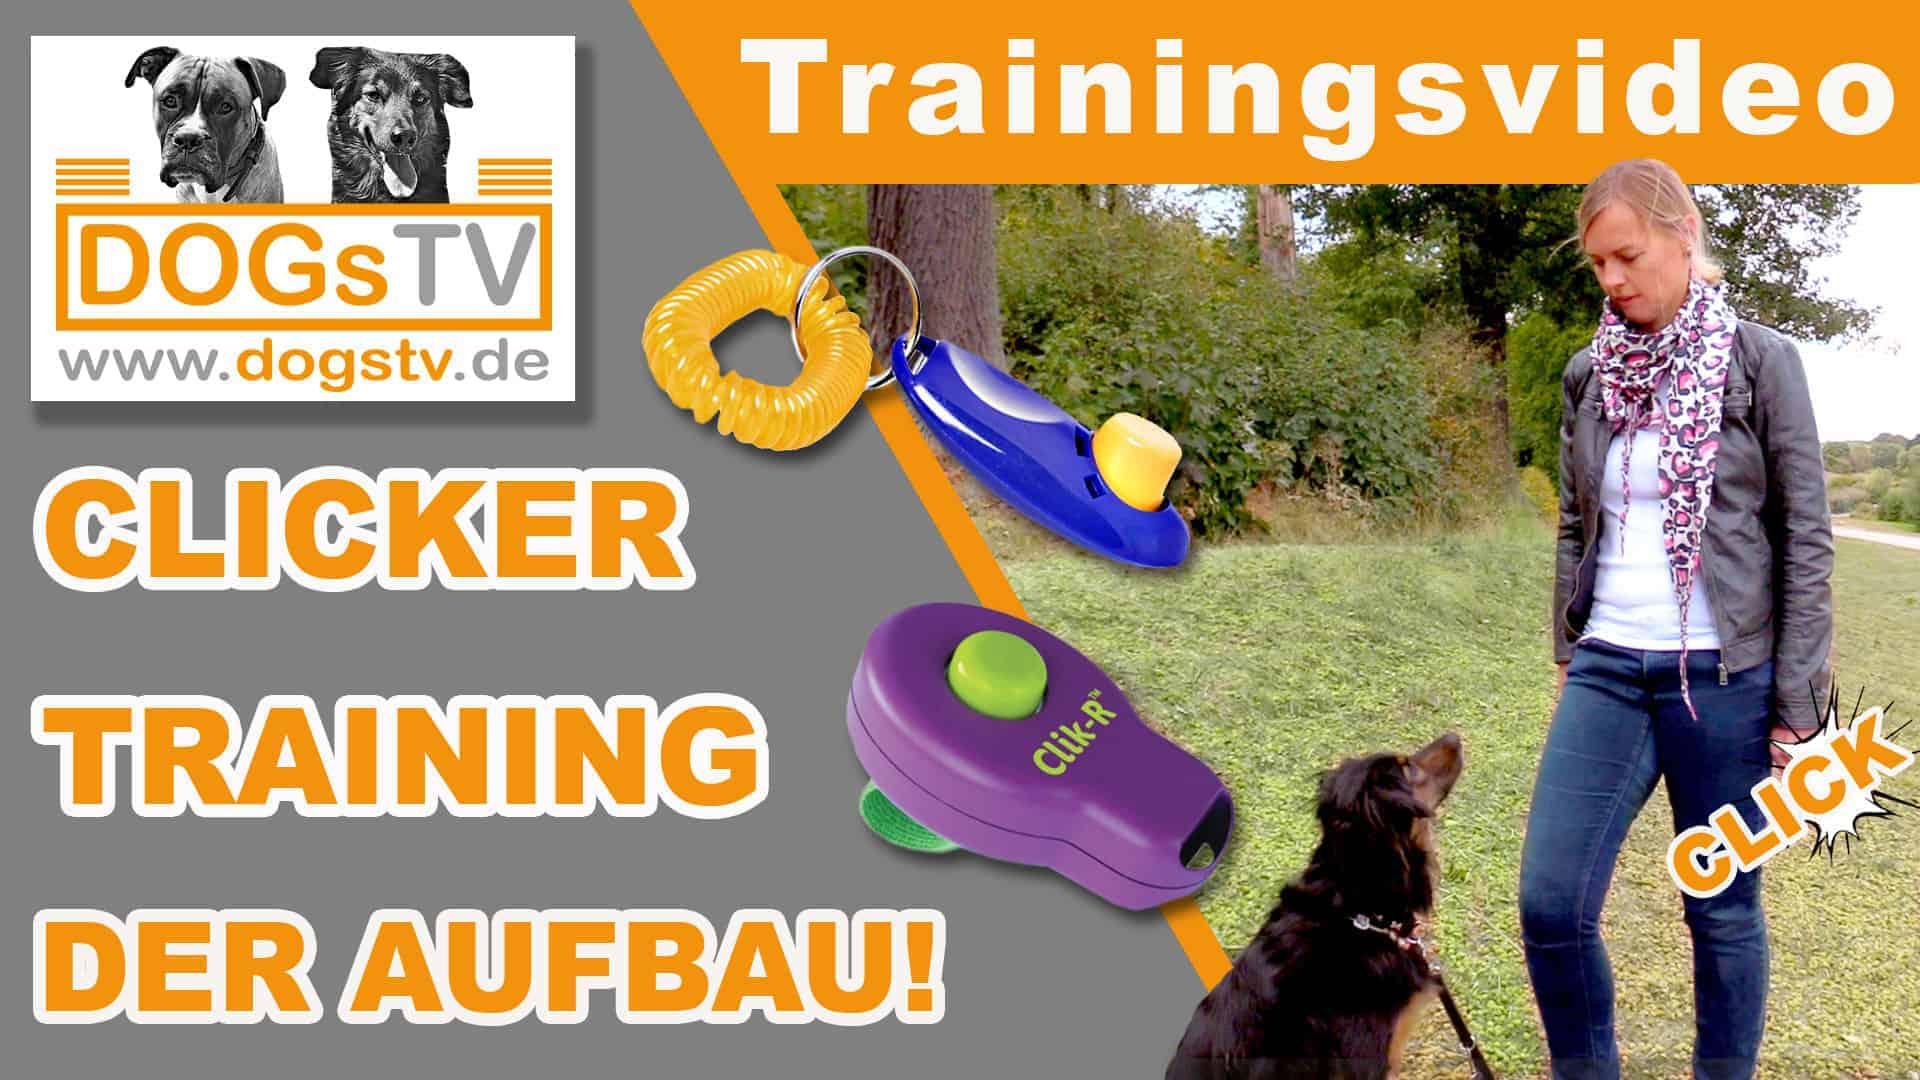 Clickertraining-Hund-Grundlagen-So-baust-du-den-Clicker-auf-Clickerregeln-dogstv